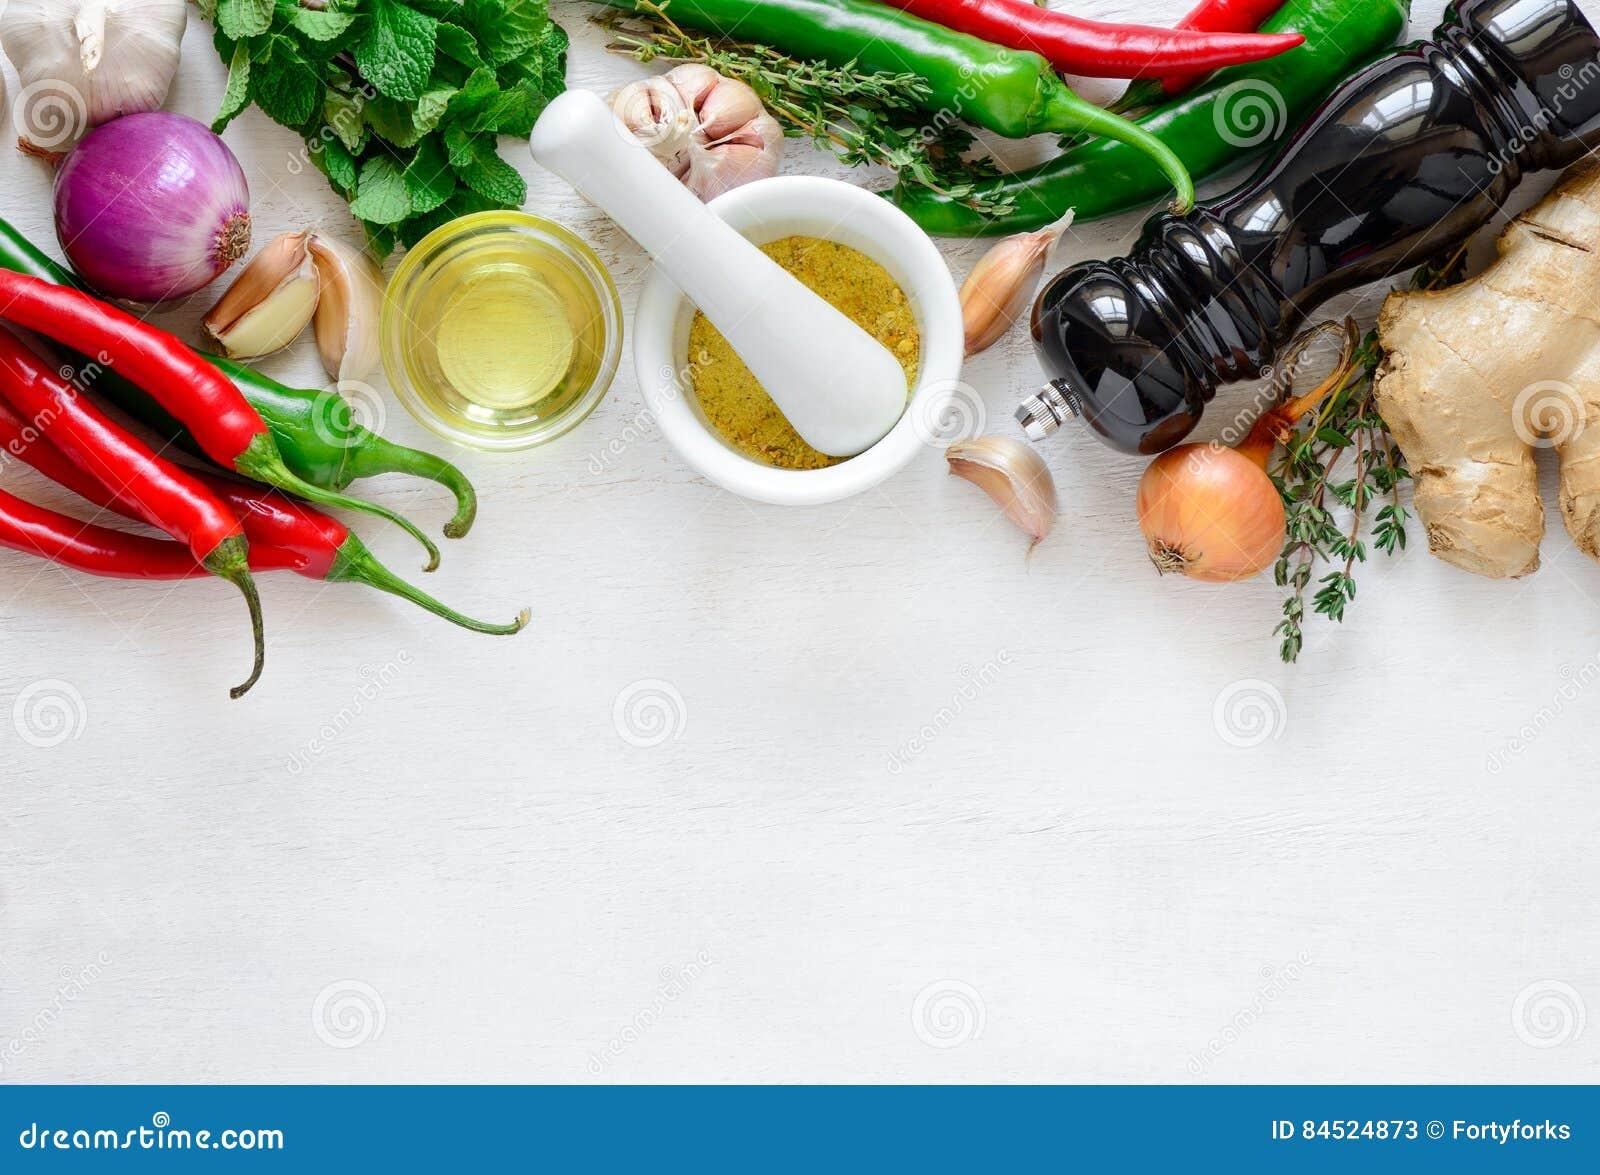 Culinaire achtergrond met het koken van ingredi nten stock foto afbeelding 84524873 - Hoek maaltijd ...